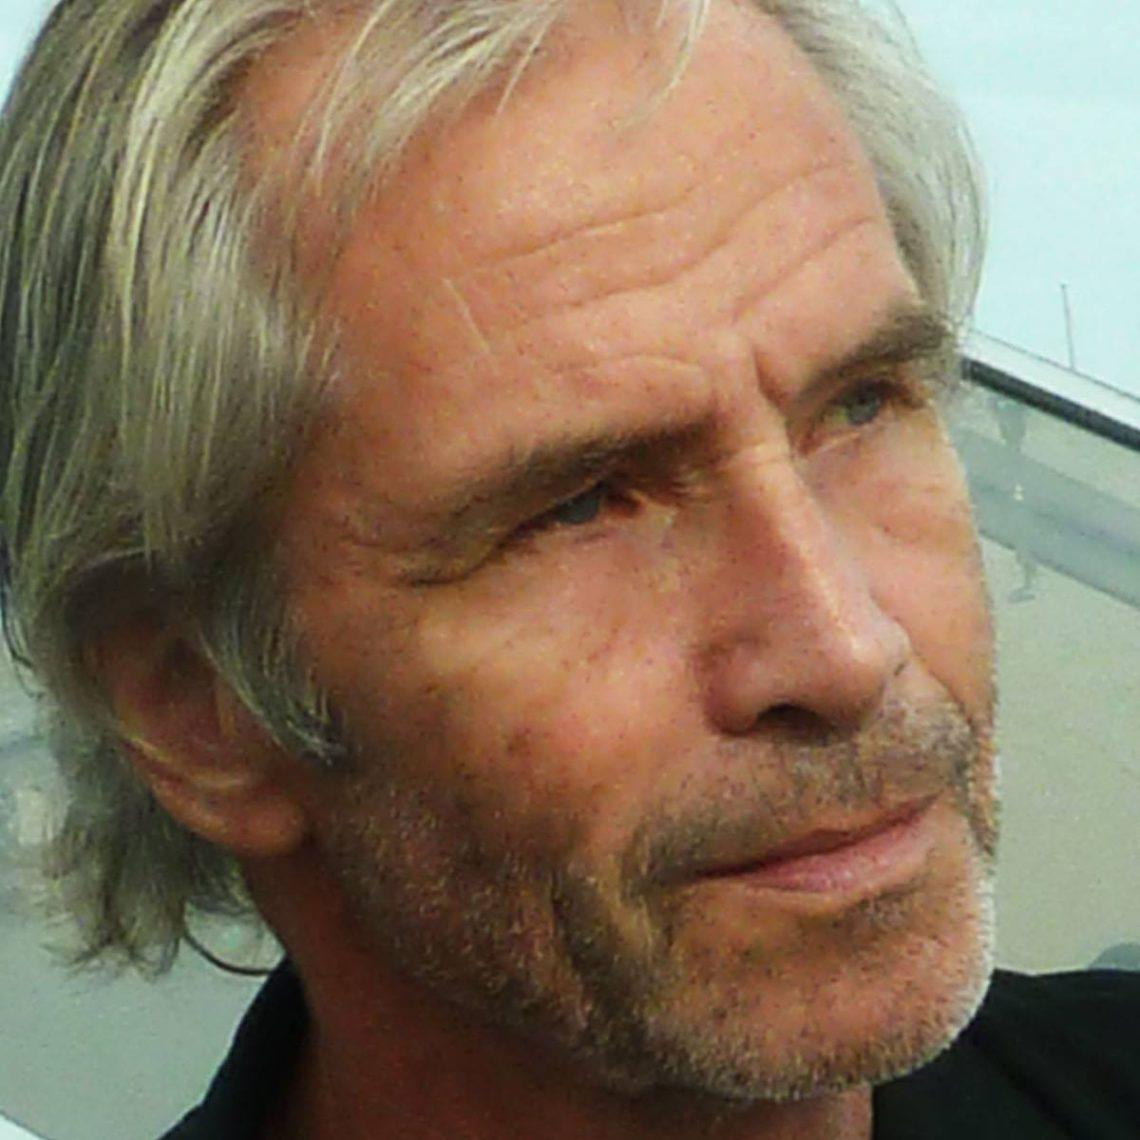 Utfordringen må tas på alvor, skriver Rolf Forsdahl...